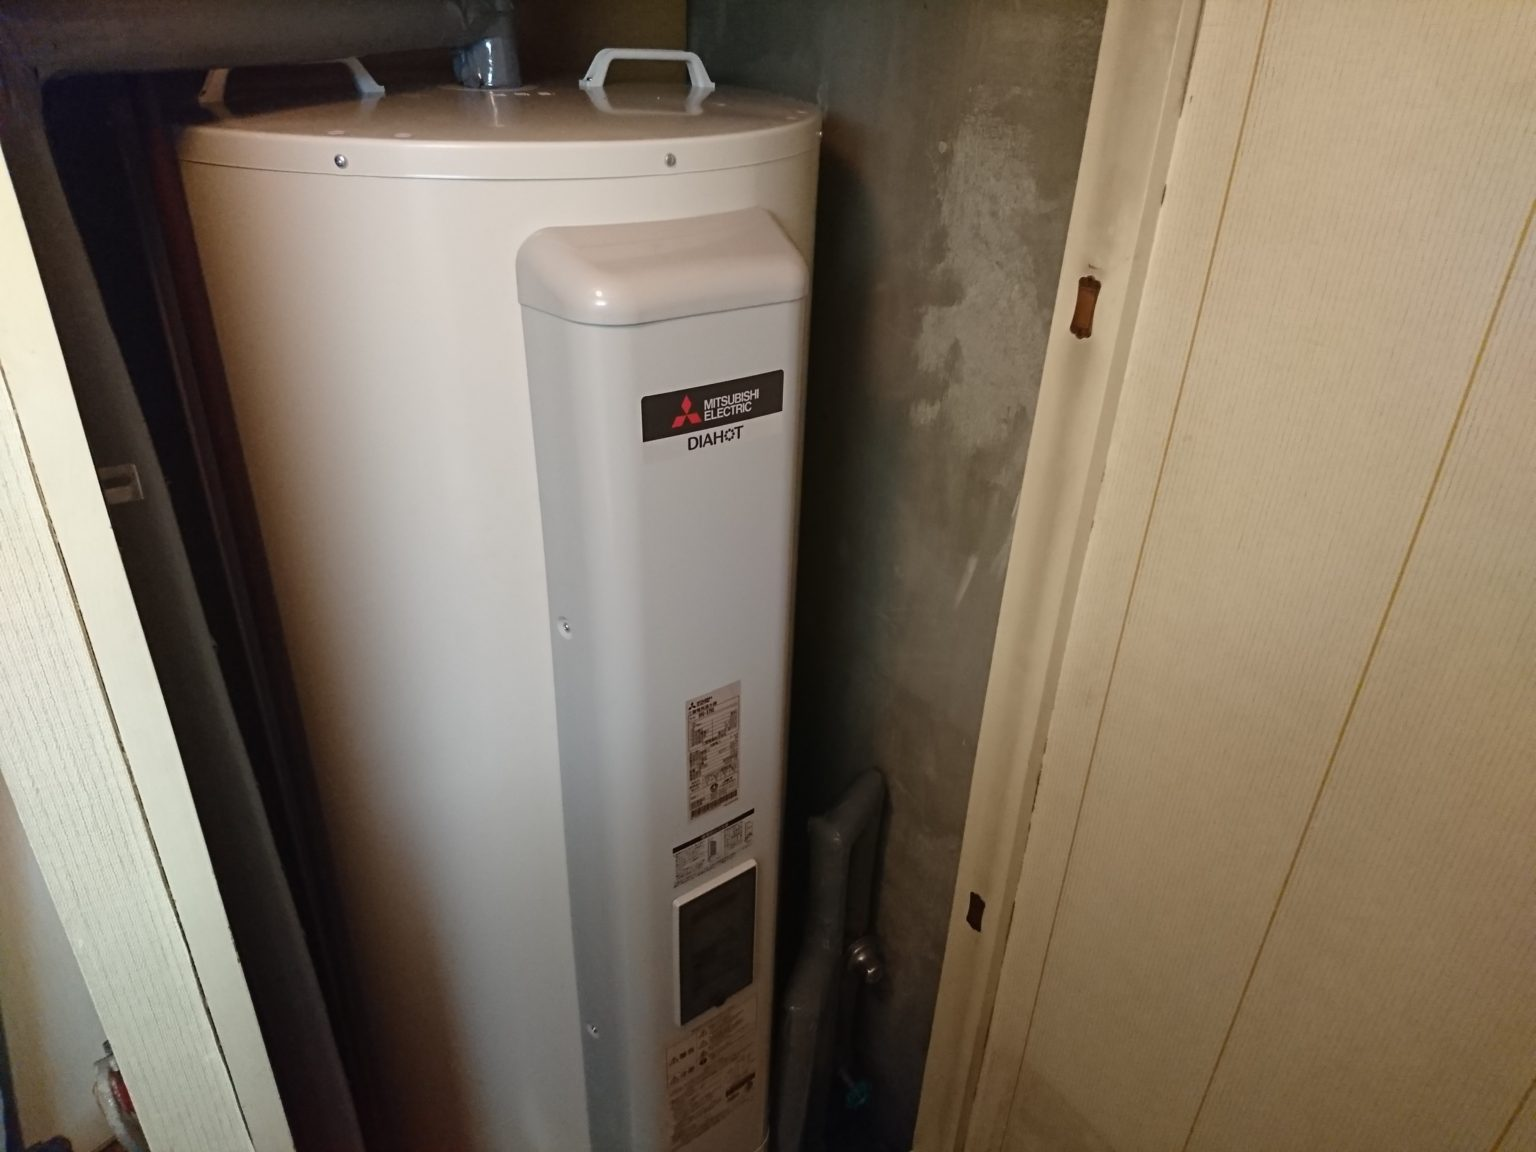 名古屋市中区三菱電機電気温水器SRG-375G工事店【アンシンサービス24】